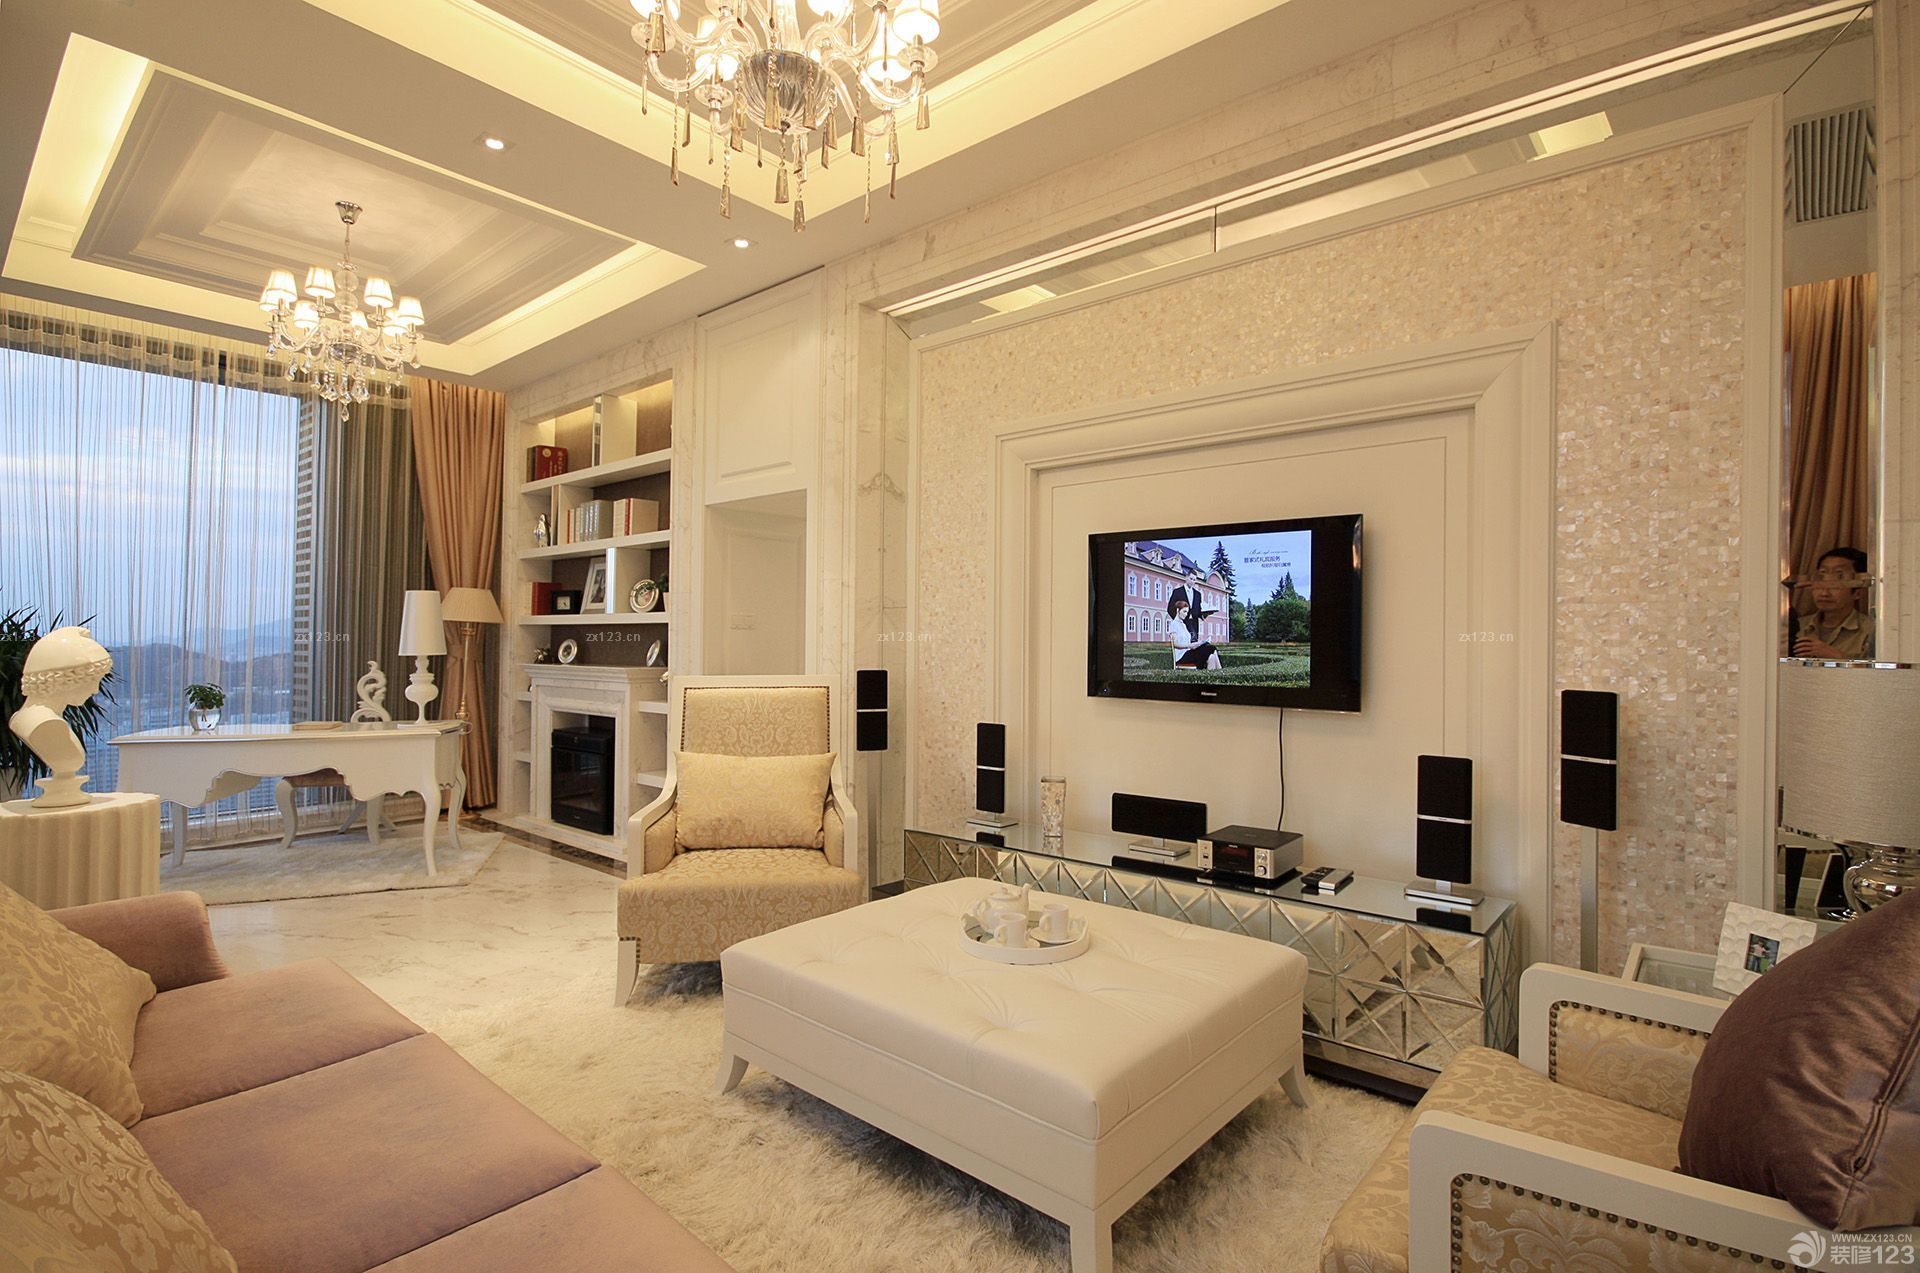 100平米两室两厅户型简约白色墙面装修效果图欣赏